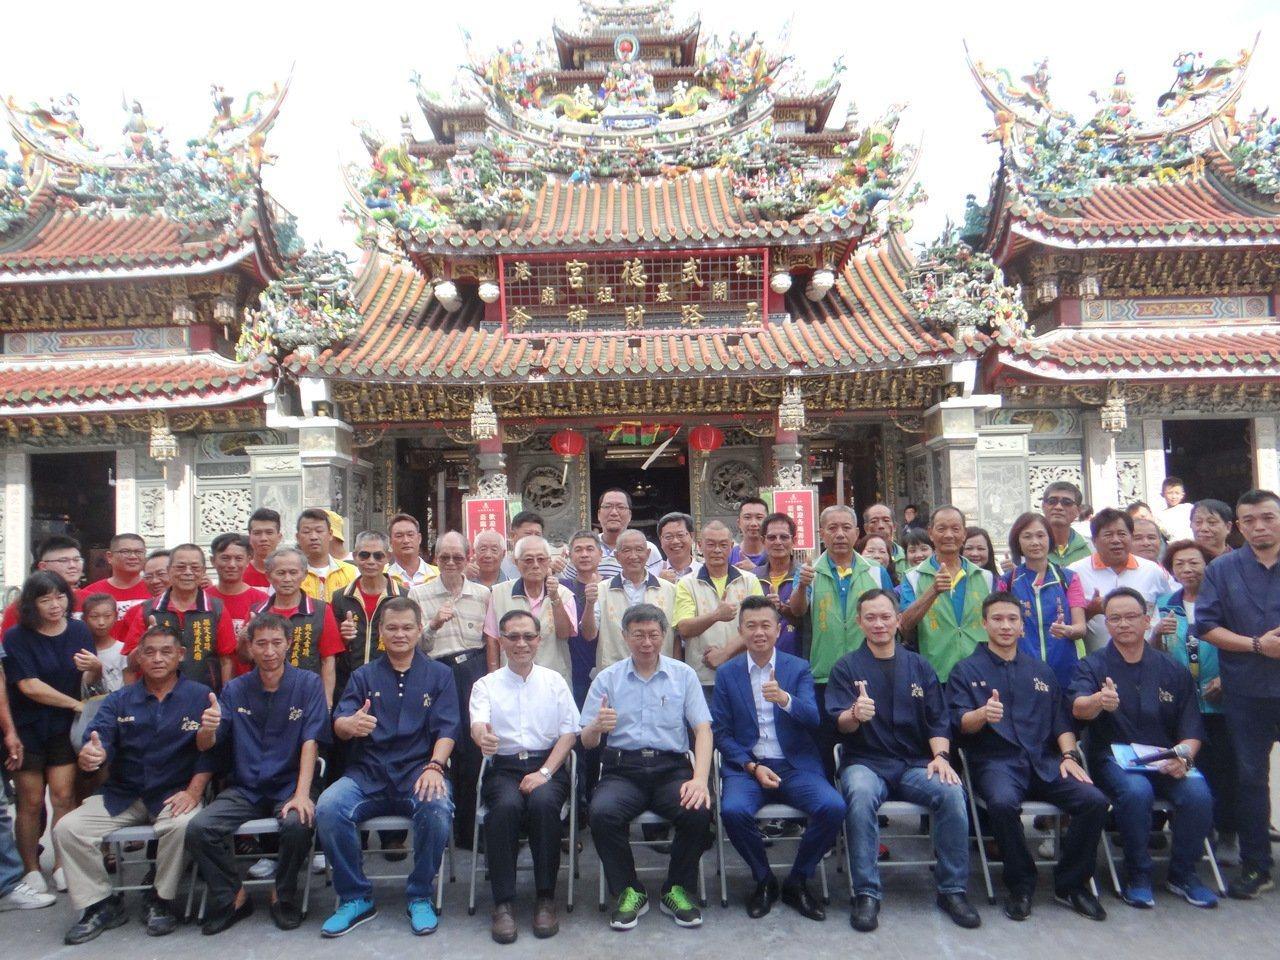 台北市長柯文哲今年9月前往雲林縣北港武德宮及北港朝天宮參拜。圖/本報資料照